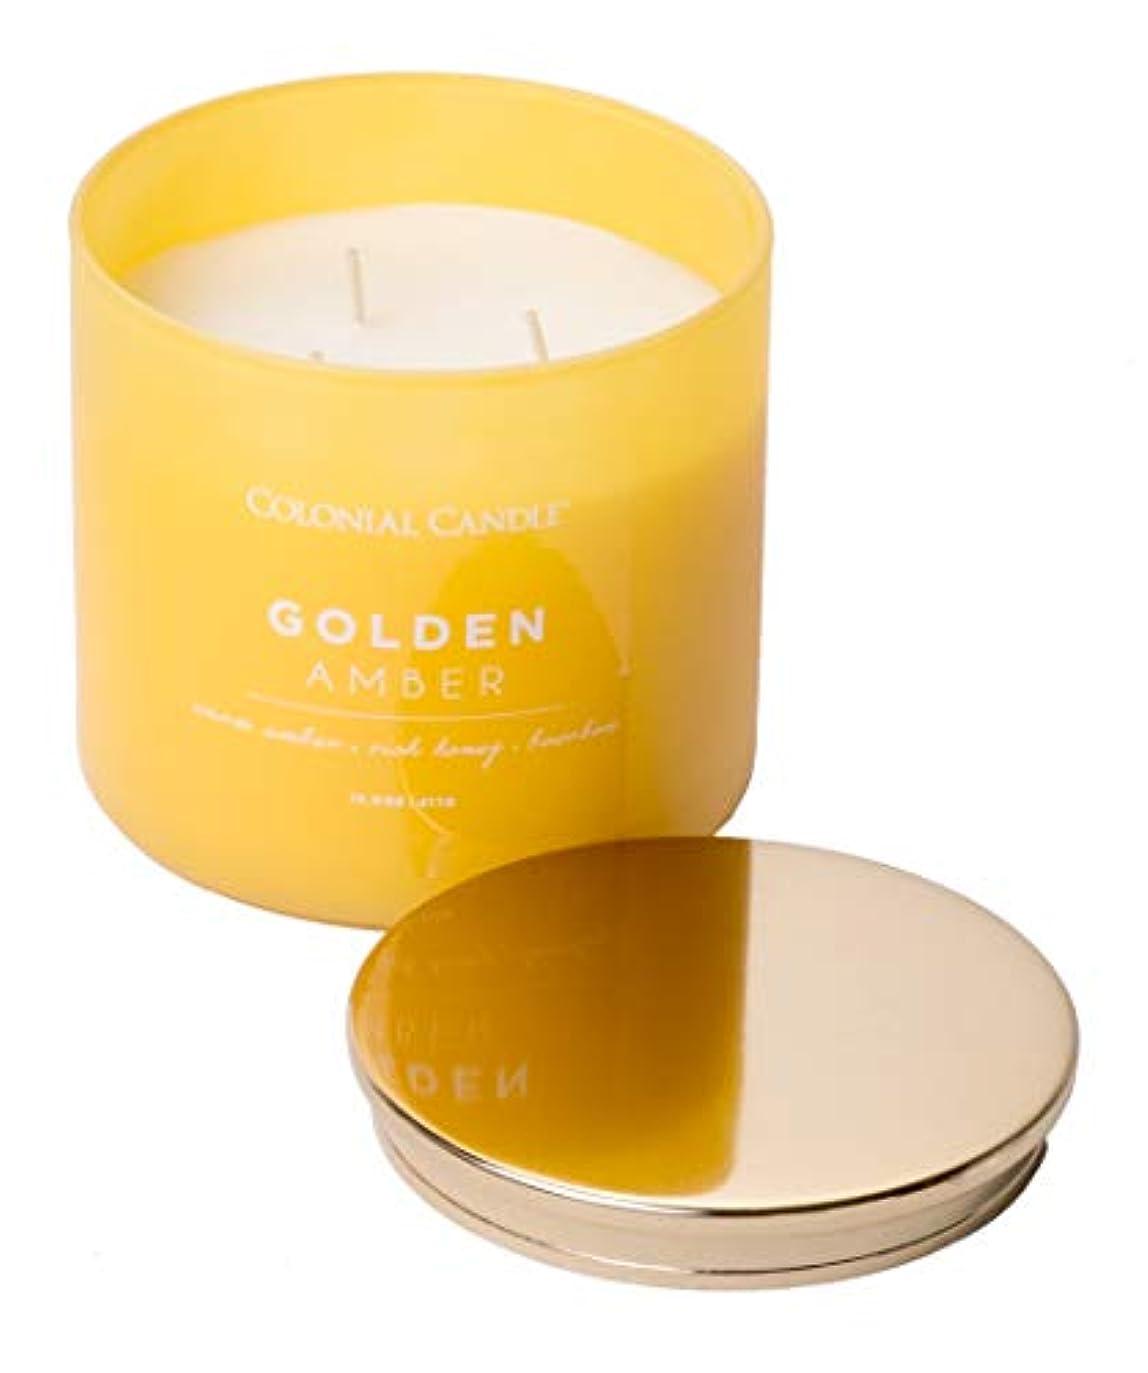 増幅する広がり狭いColonial Candle ゴールデンアンバー ポップオブカラーコレクション 香り高いキャンドル 装飾的な色付きガラス瓶入り ミディアム 14.5オンス